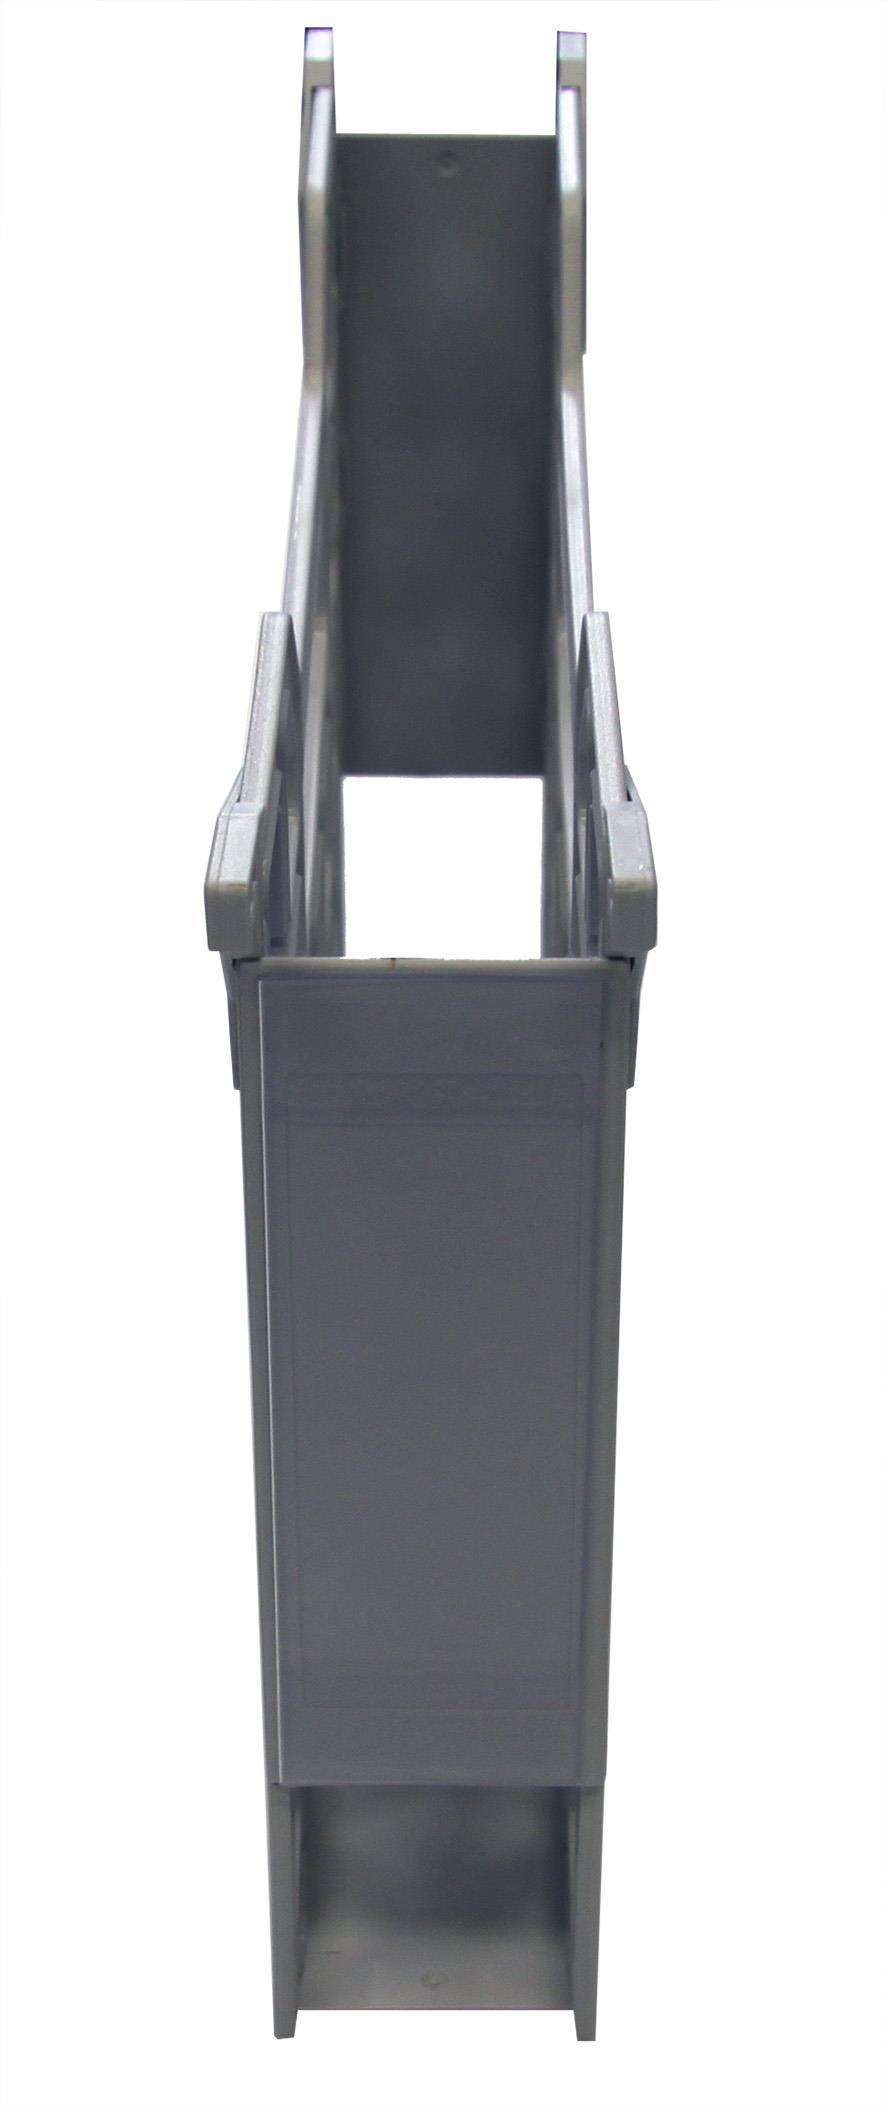 Wechselclip, selbstkl., Kunstst. für Ordnungsbox 304900